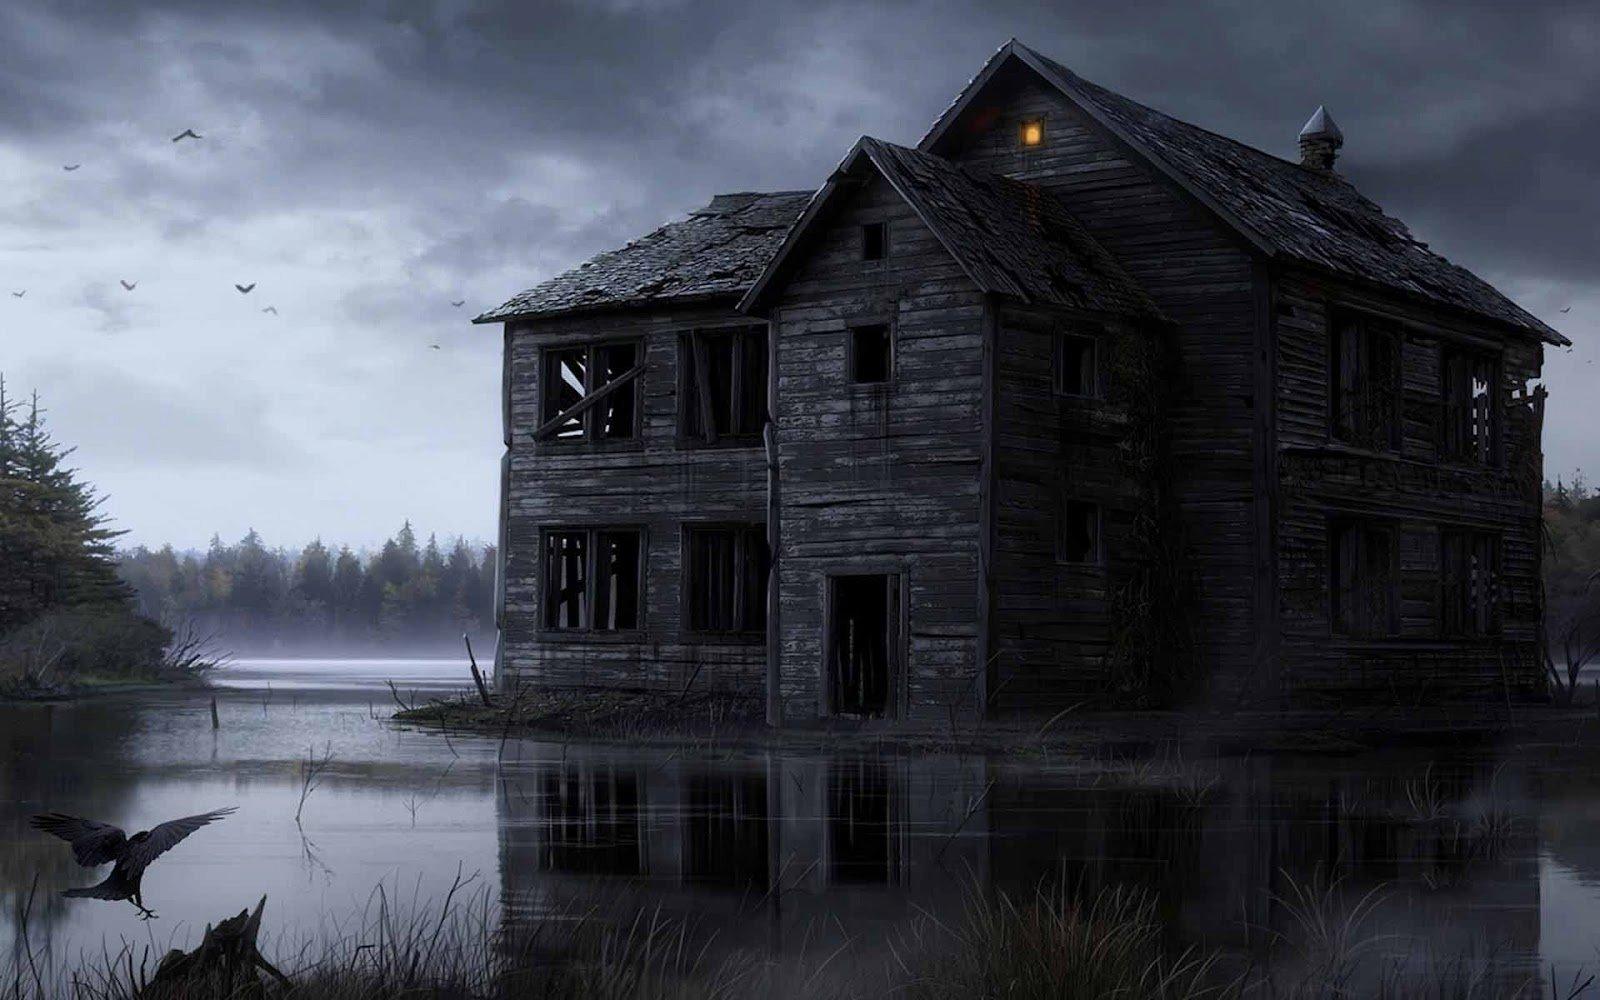 Haunted House HD Wallpapers C a r W a l l p a p e r 2014 1600x1000